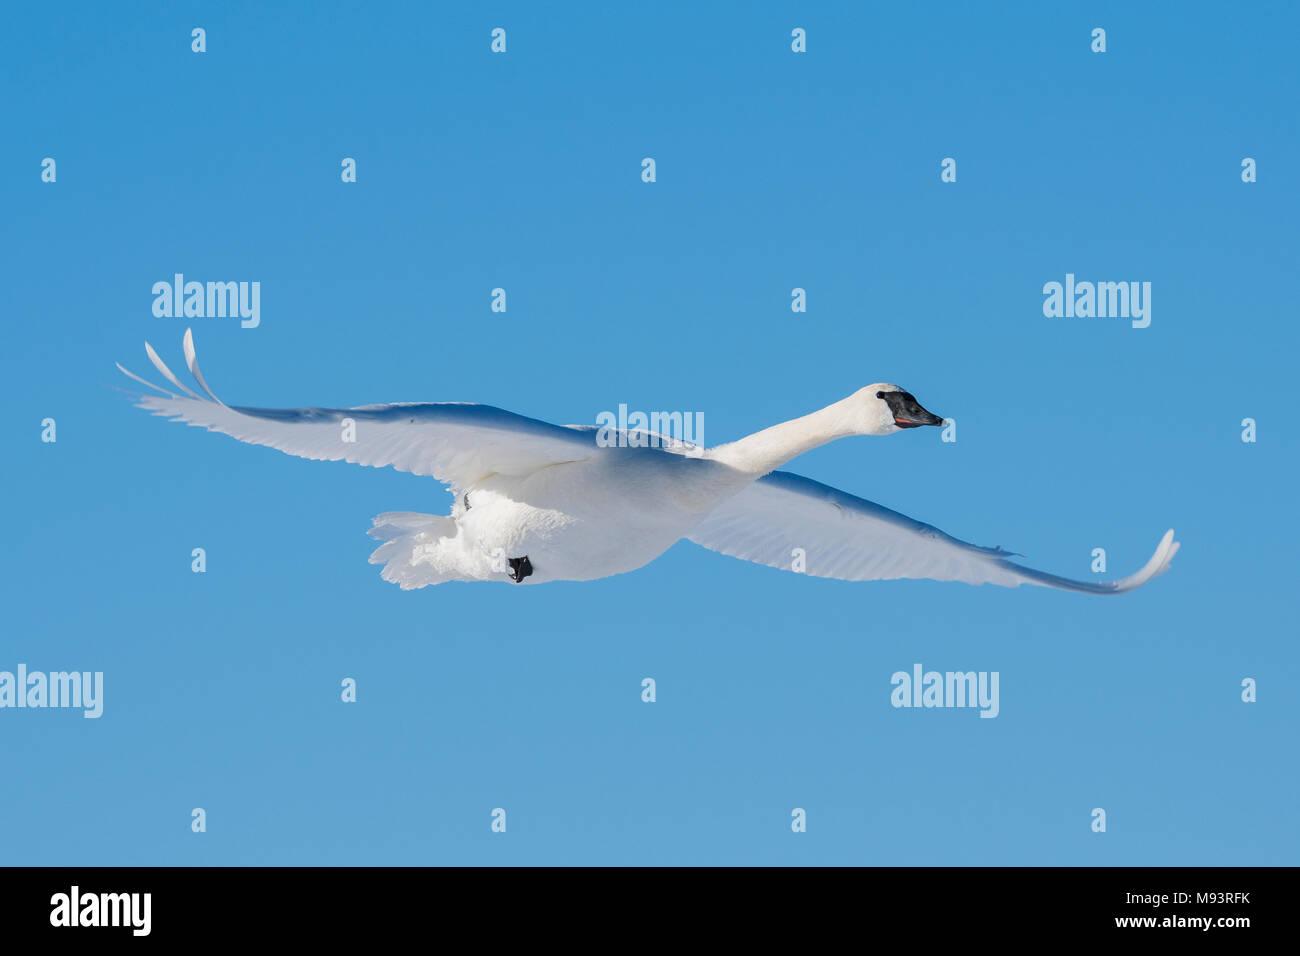 Cygne trompette (Cygnus buccinator) en vol, WI, États-Unis d'Amérique, début janvier, par Dominique Braud/Dembinsky Assoc Photo Photo Stock